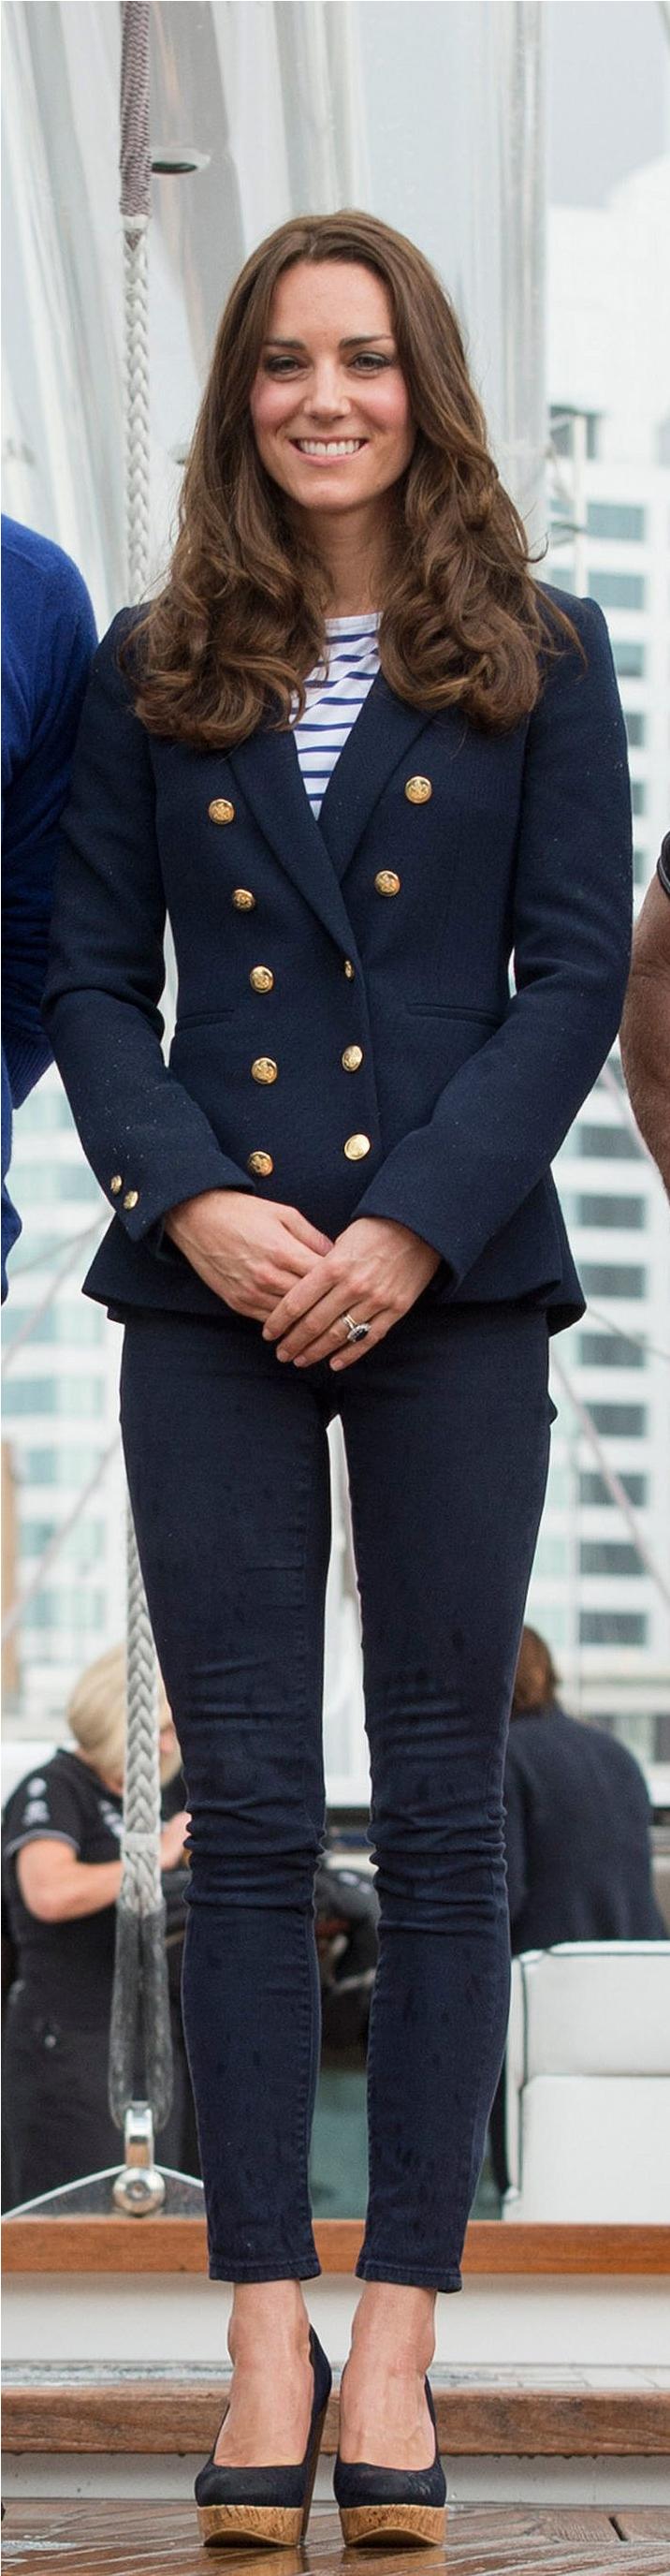 Trong chuyến công du của mình, Công nương phối áo blazer màu xanh navy, quần skinny và giày đế xuồng cùng màu với chiếc áo sọc ngang. - cách phối đồ cùng áo kẻ ngang - cách phối đồ với áo sọc ngang của Công nương Kate